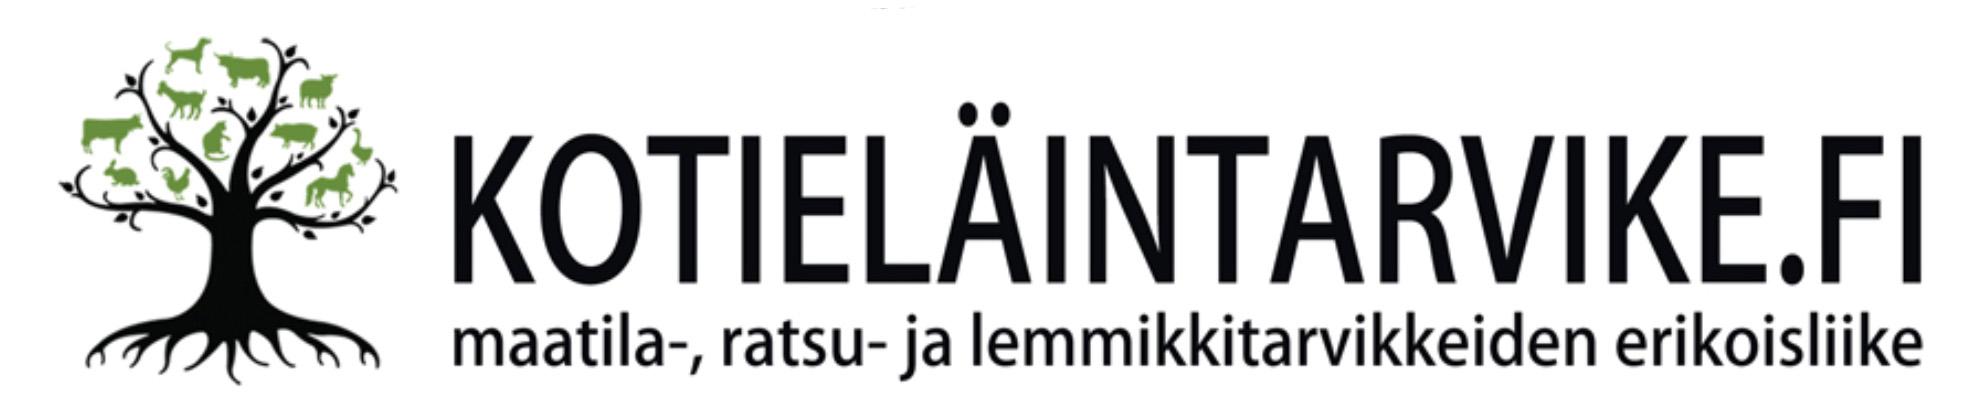 kotielaintarvike-logo